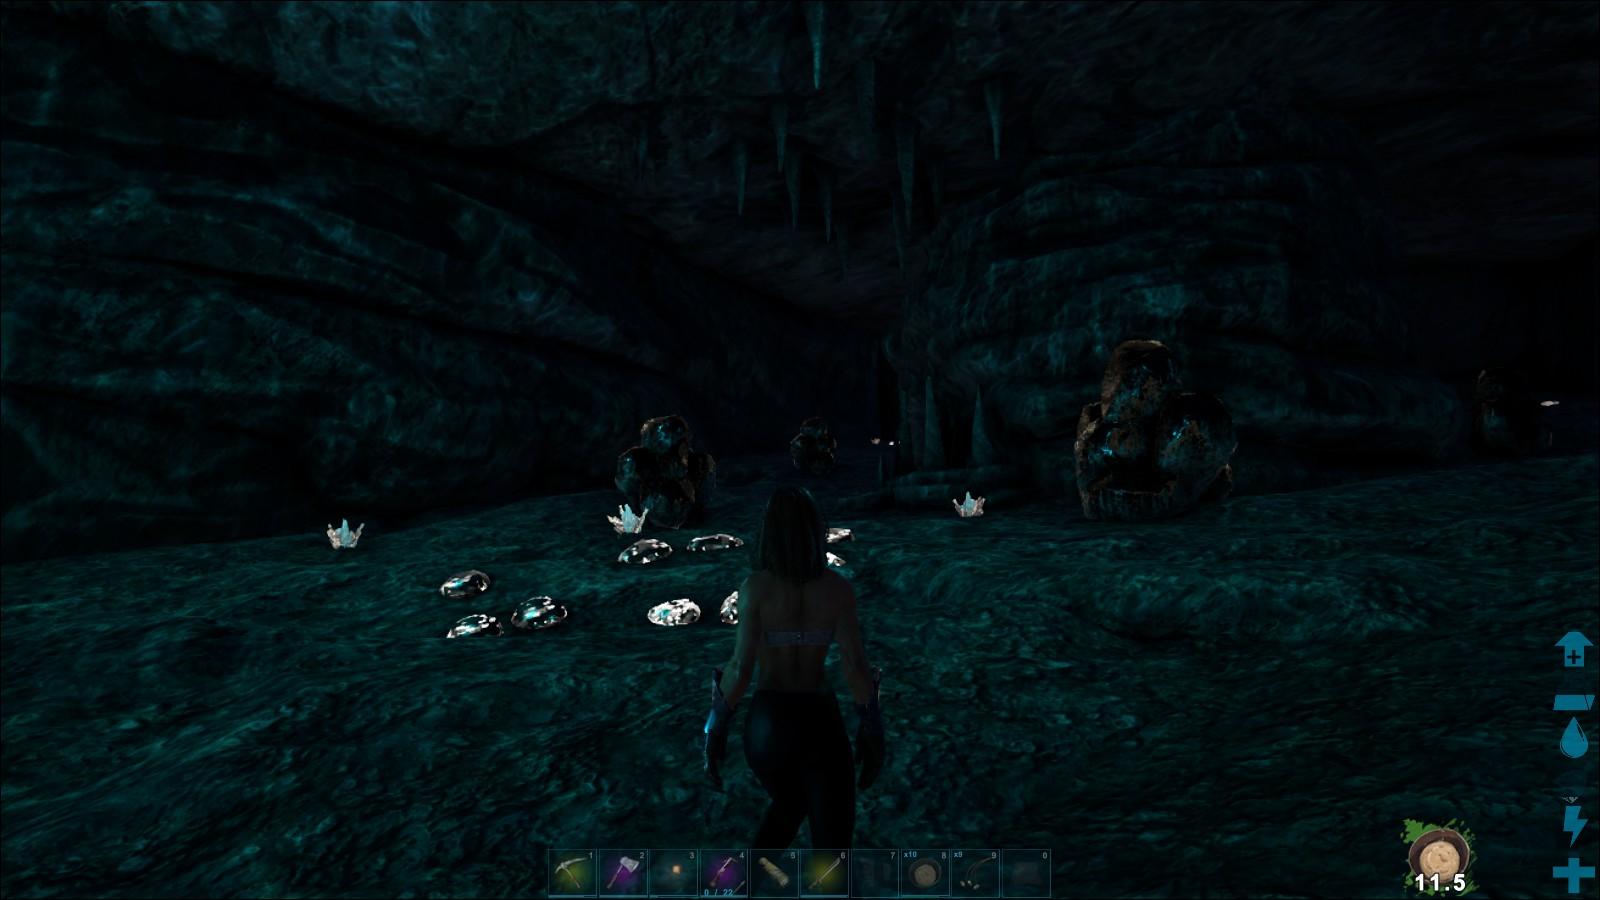 洞窟 狡猾 の